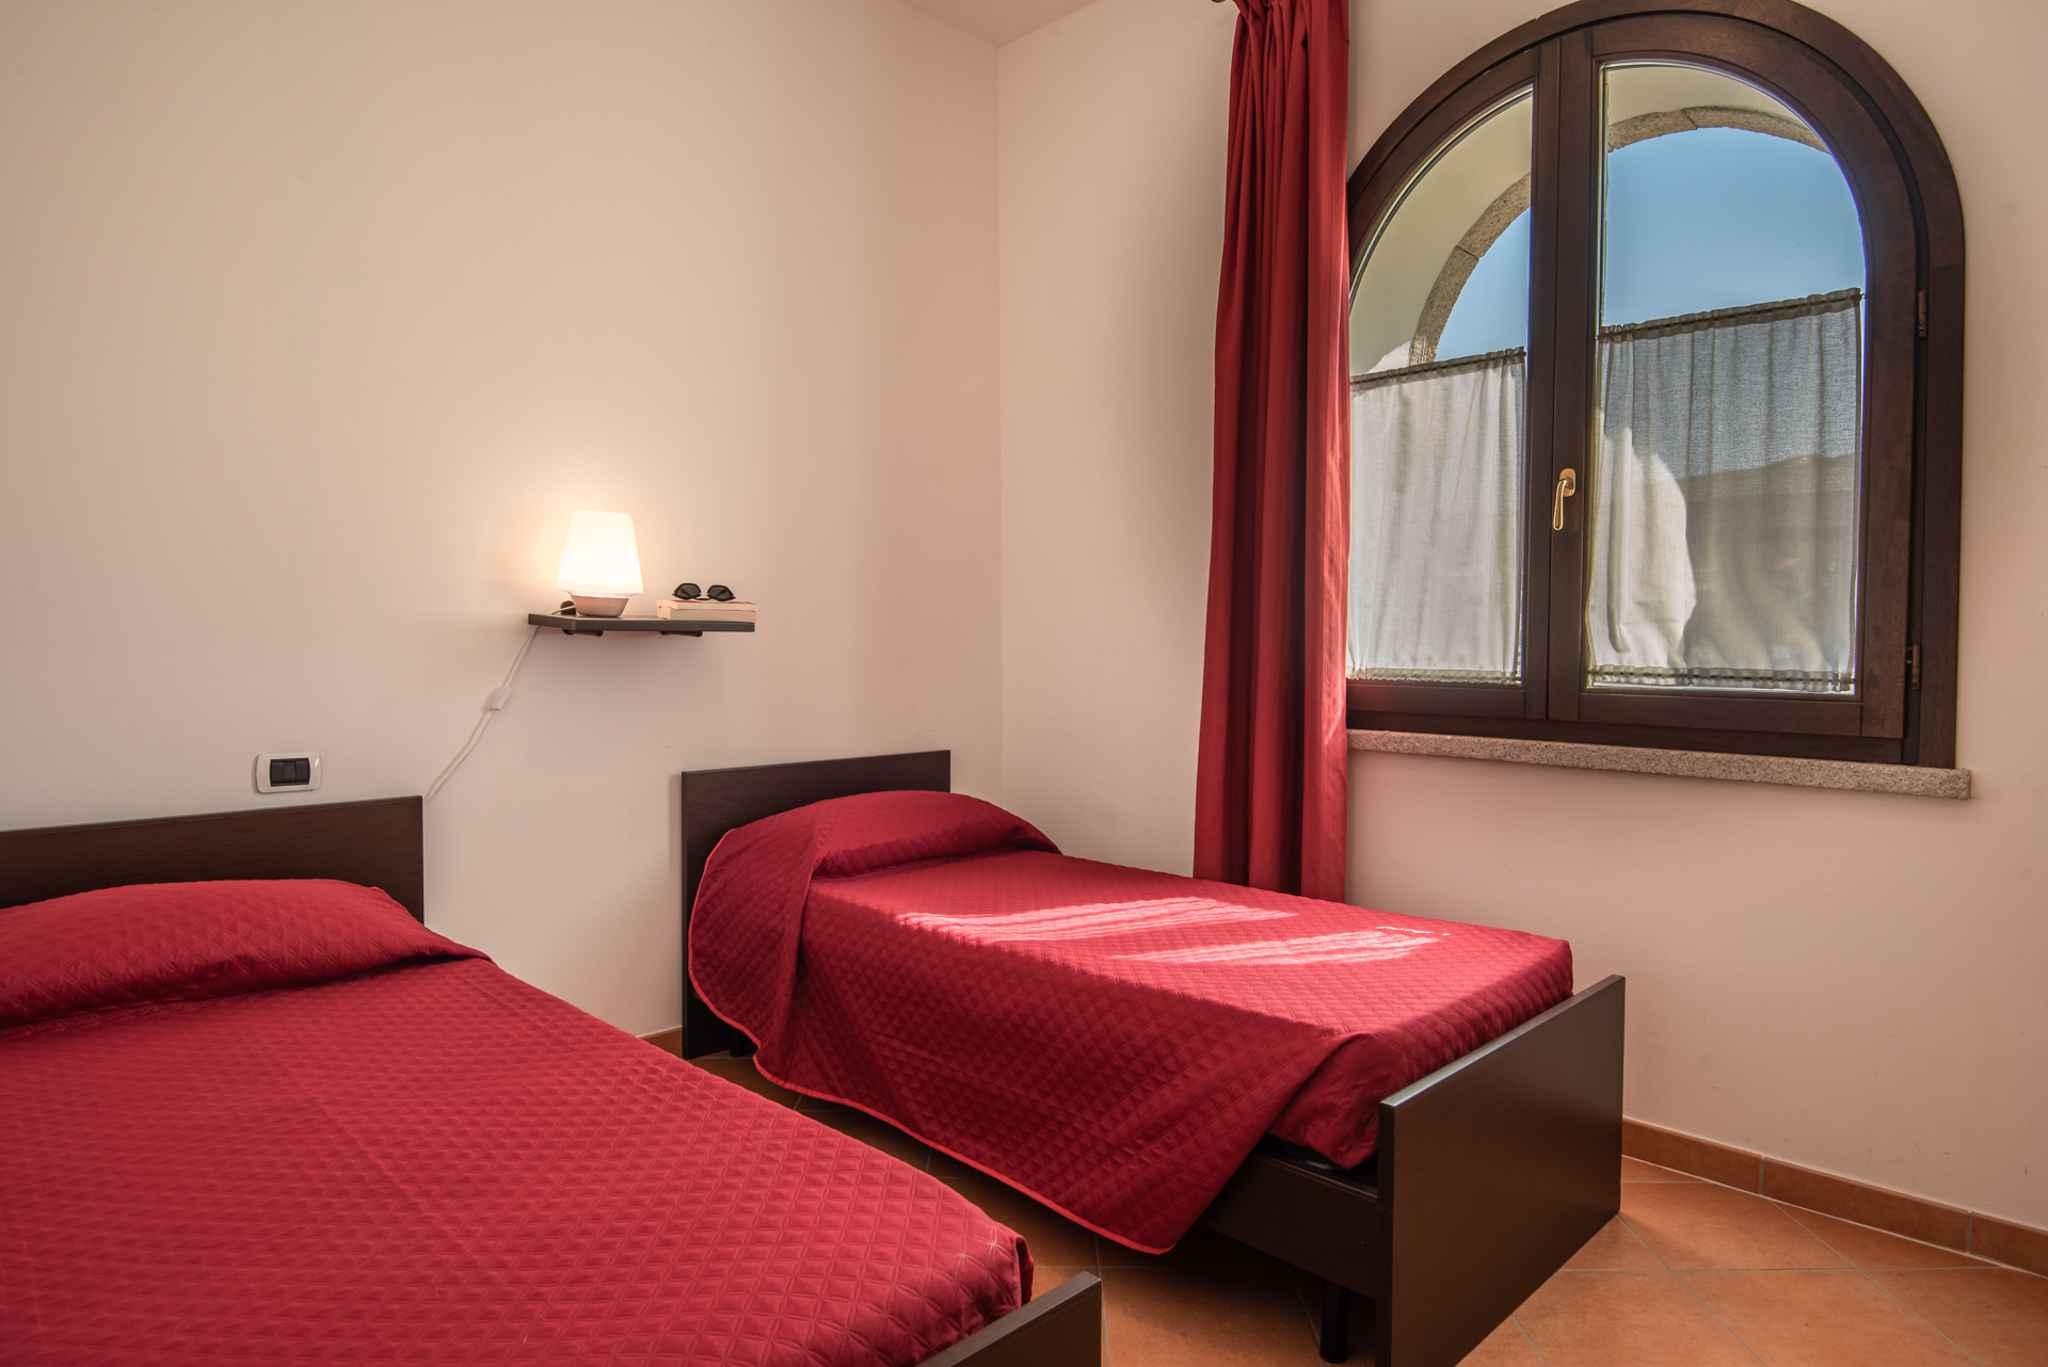 Ferienhaus mit KLimaanlage (2182426), Alghero, Sassari, Sardinien, Italien, Bild 21